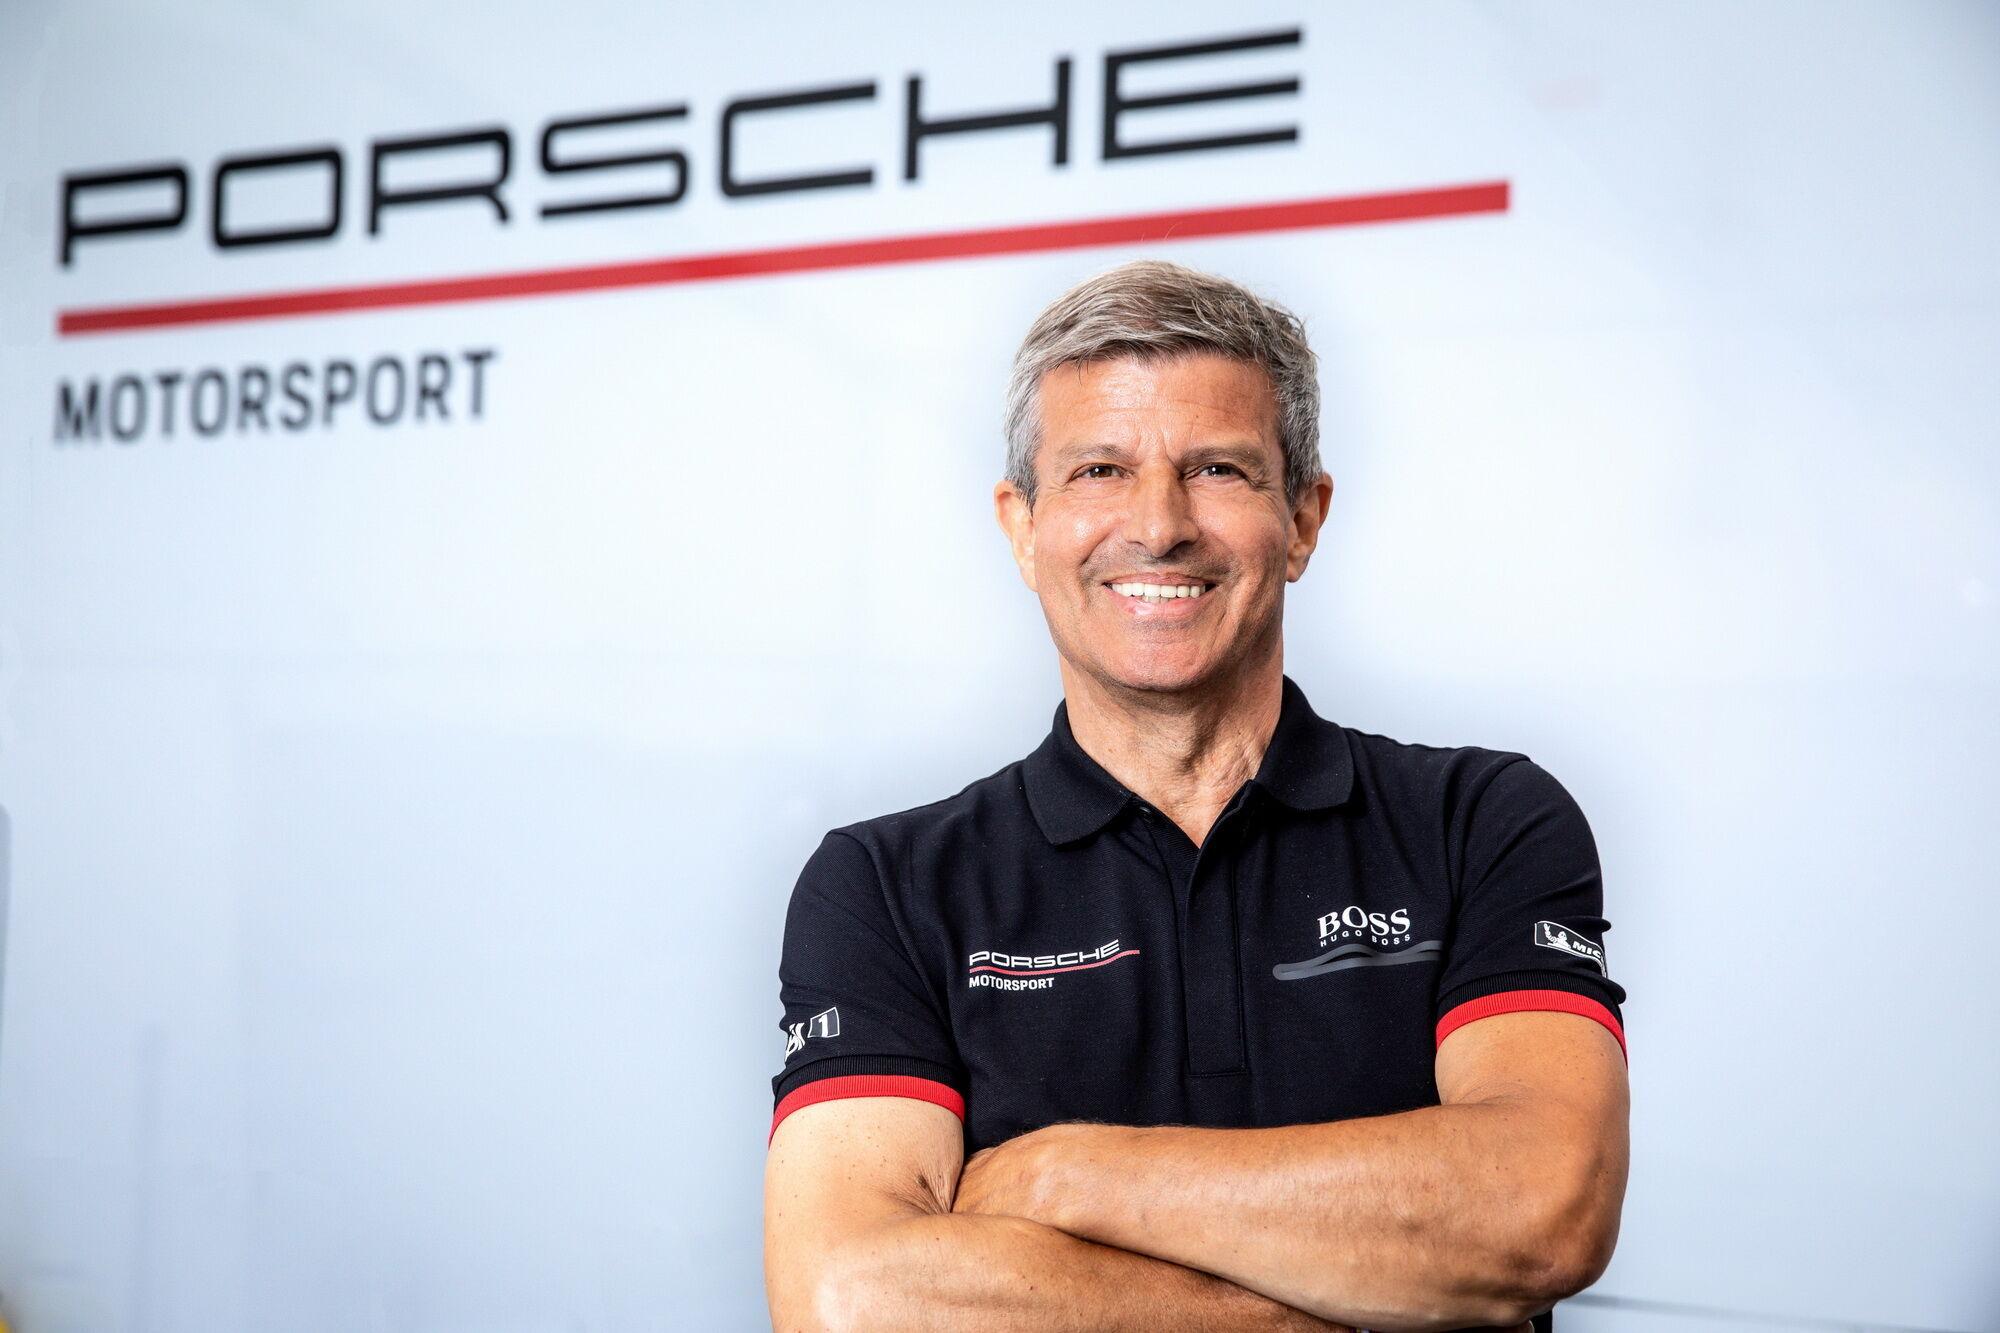 Віцепрезидент Porsche Motorsport Фріц Енцінгер.